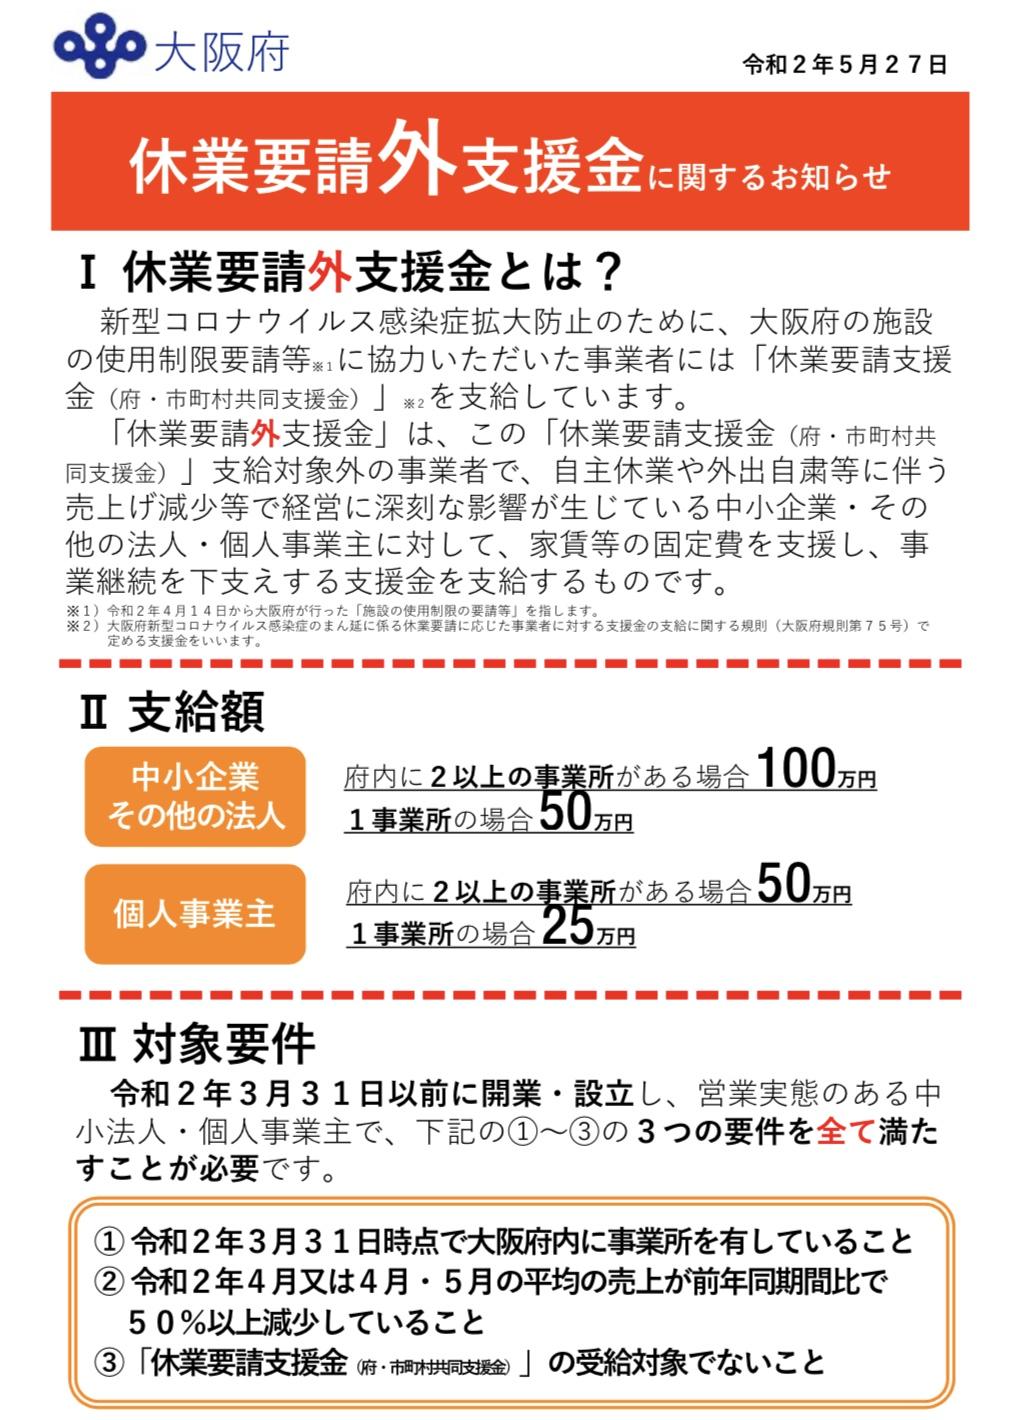 金 休業 支援 市 大阪 要請